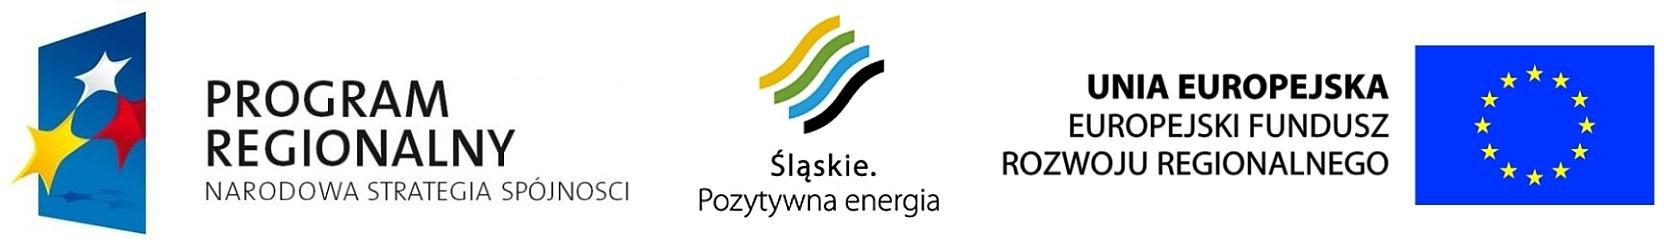 logo Programu Regionalnego Narodowa Strategia Spójności, Śląskie. Pozytywna Energia, Unia Europejska Europejski Fundusz Rozwoju Regionalnego.